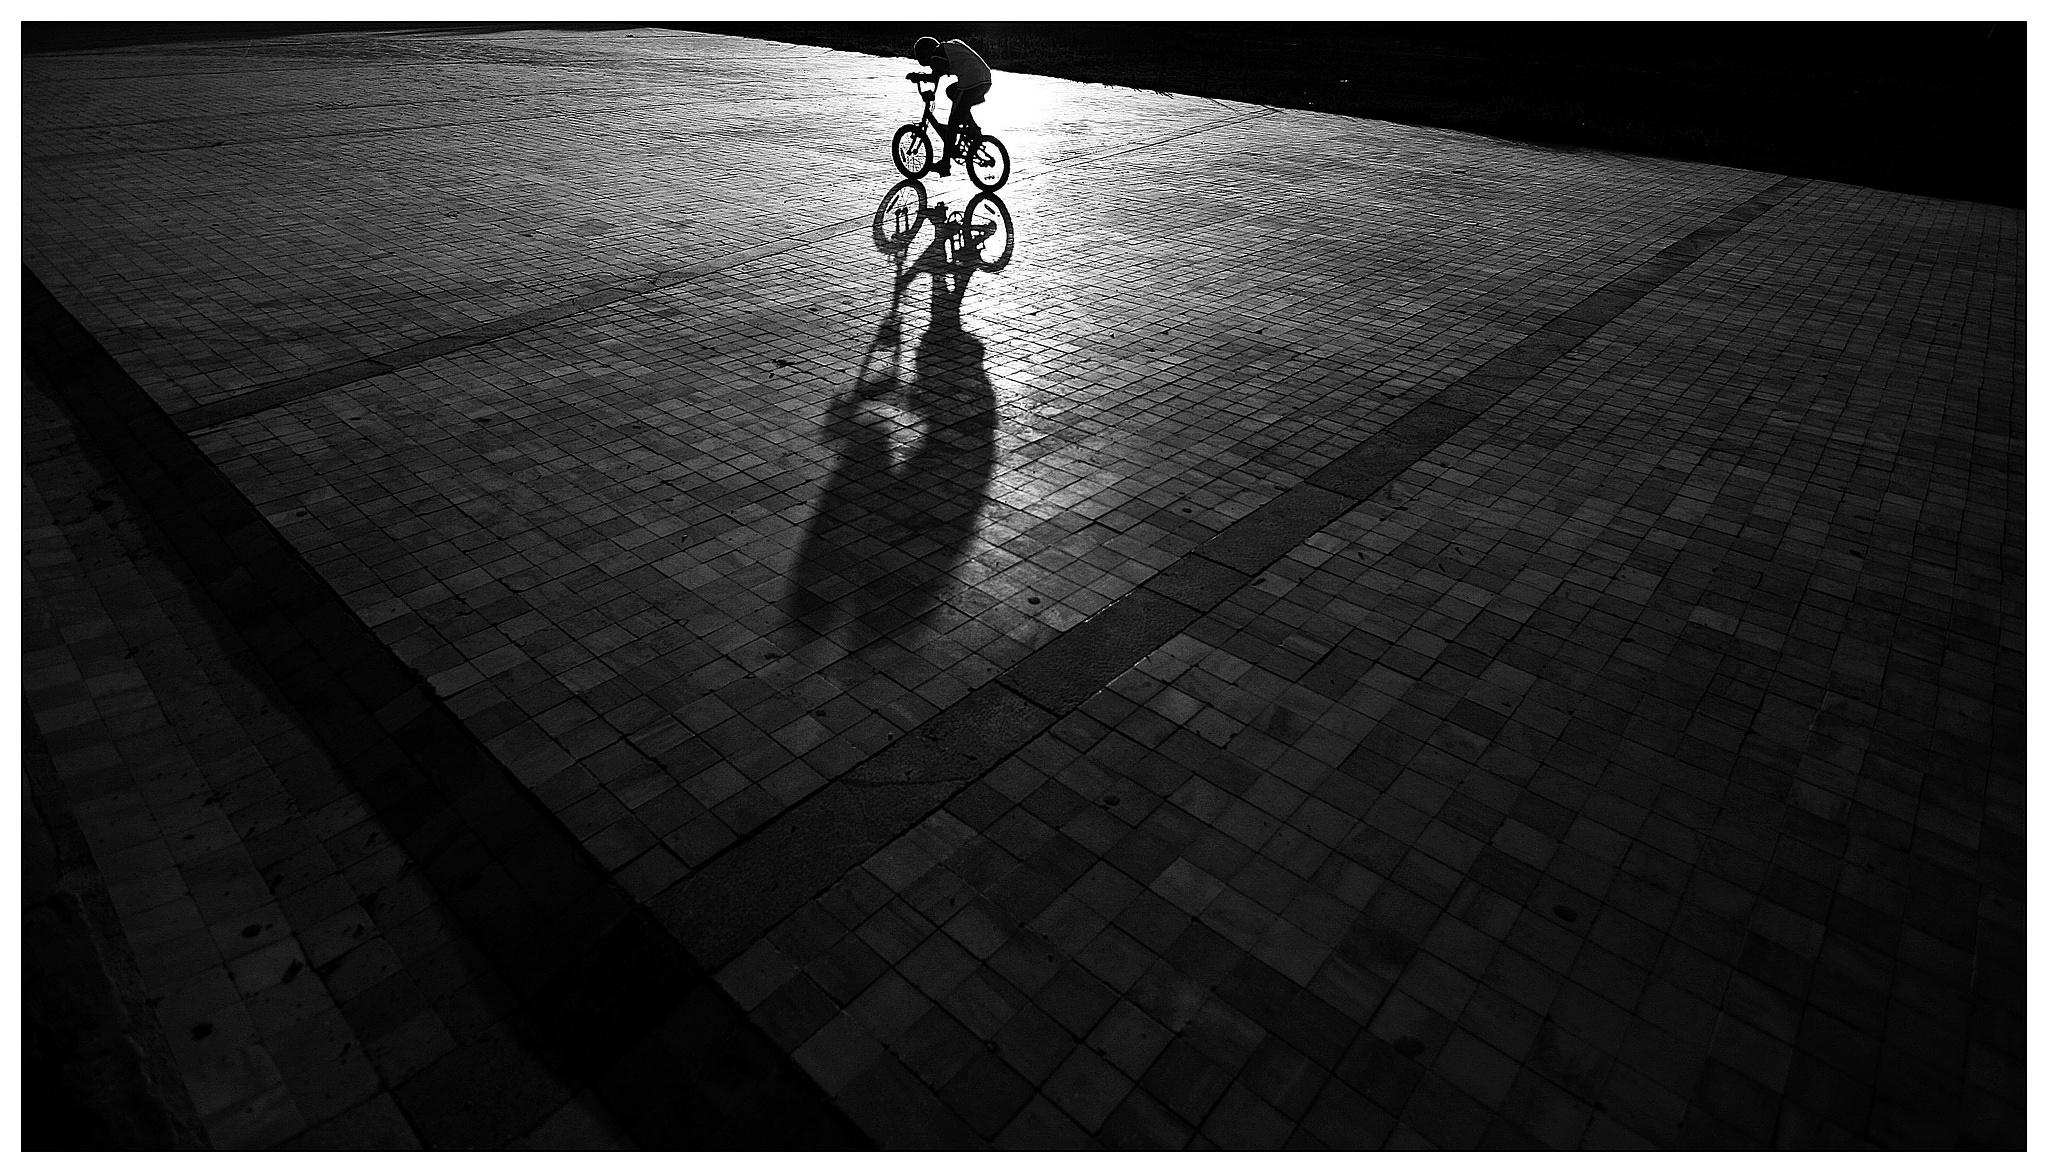 bike  by JohnieKal